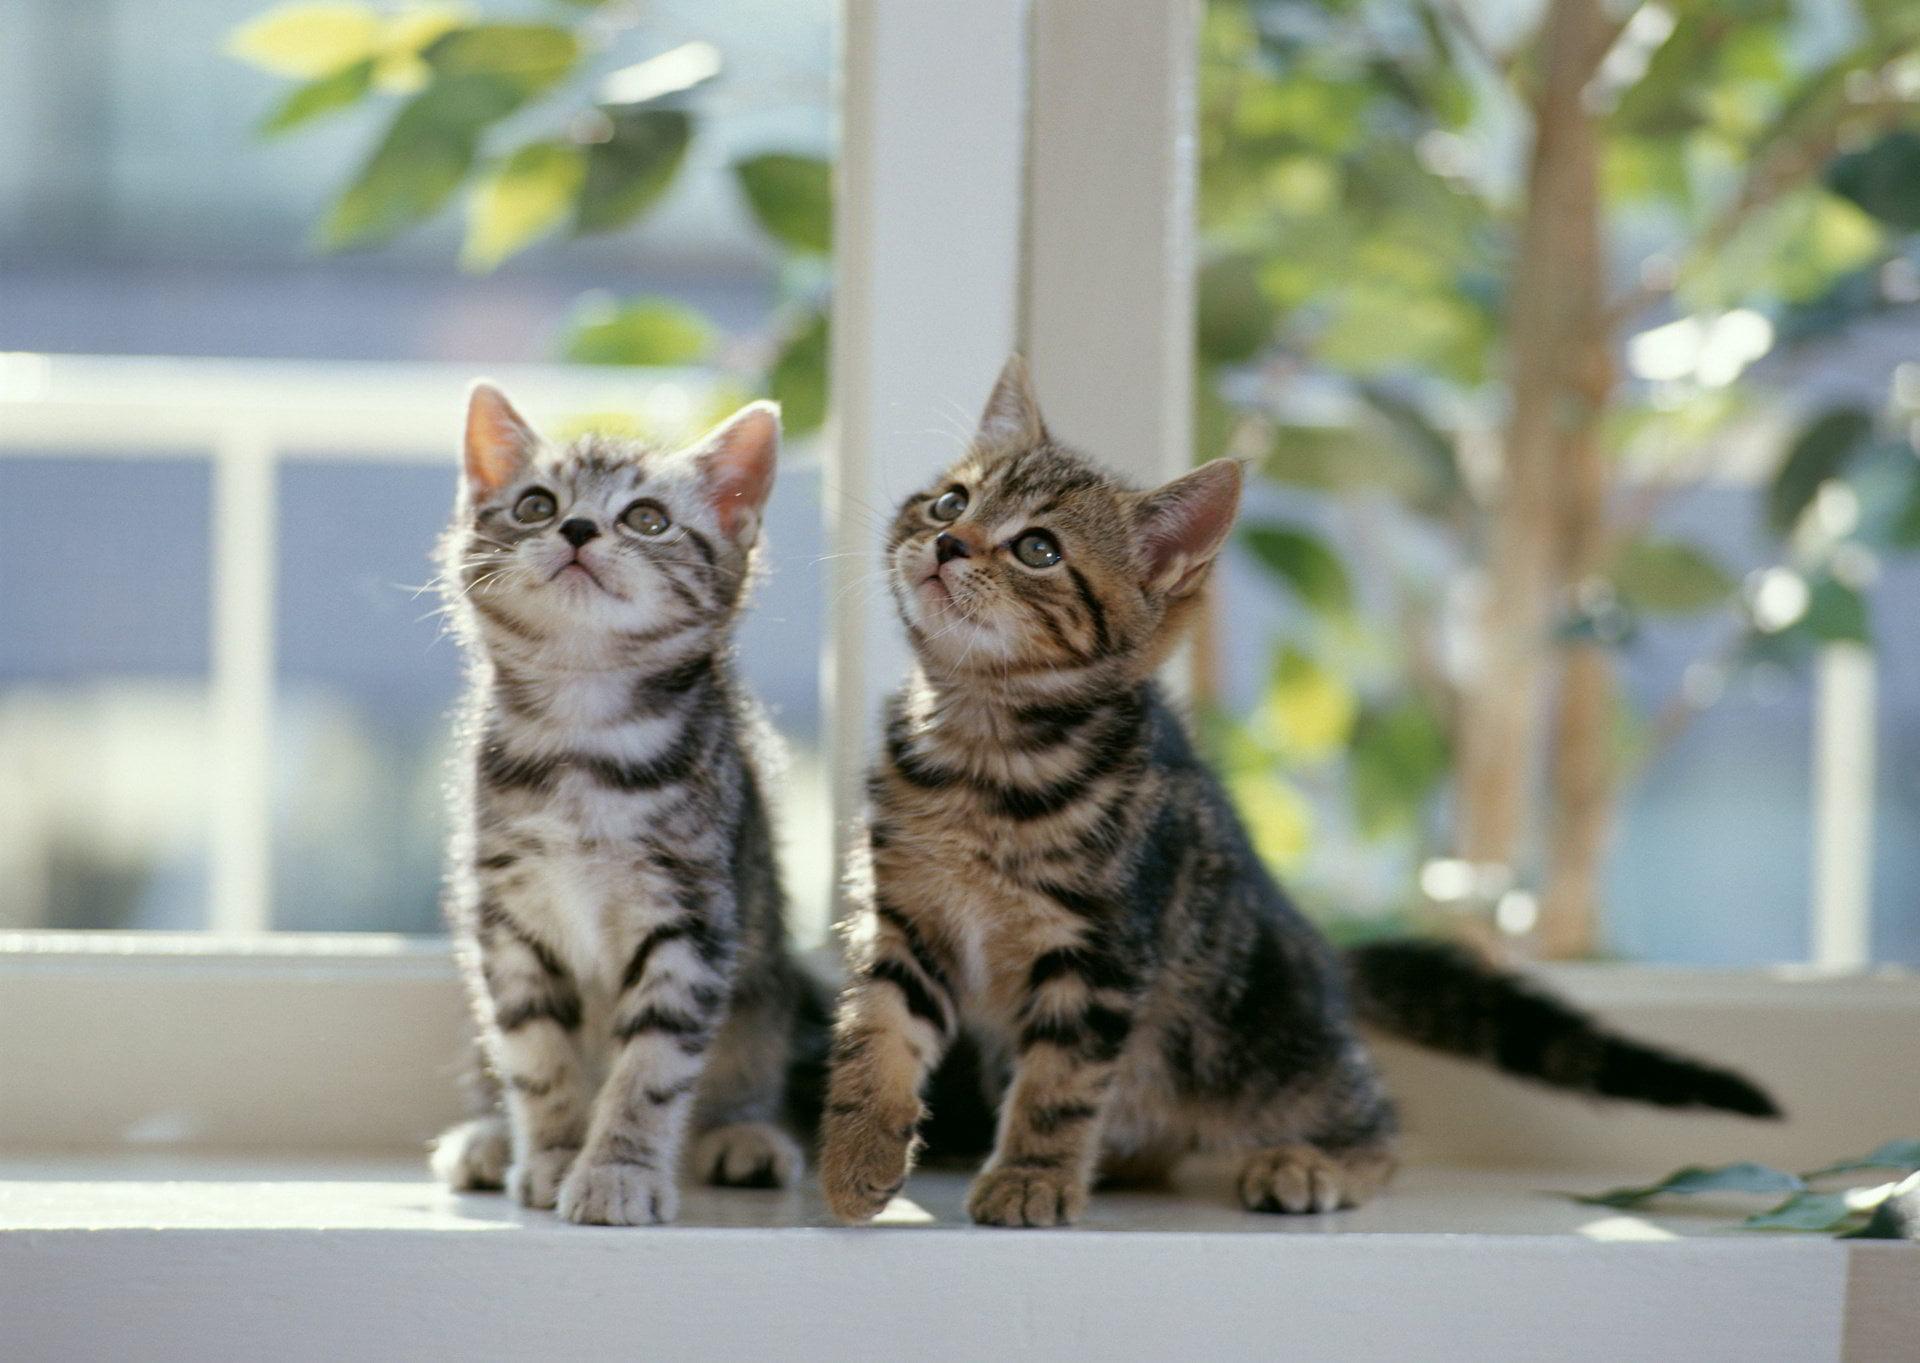 Hình ảnh dễ thương của hai chú mèo con đang ngắm nhìn thứ gì đó